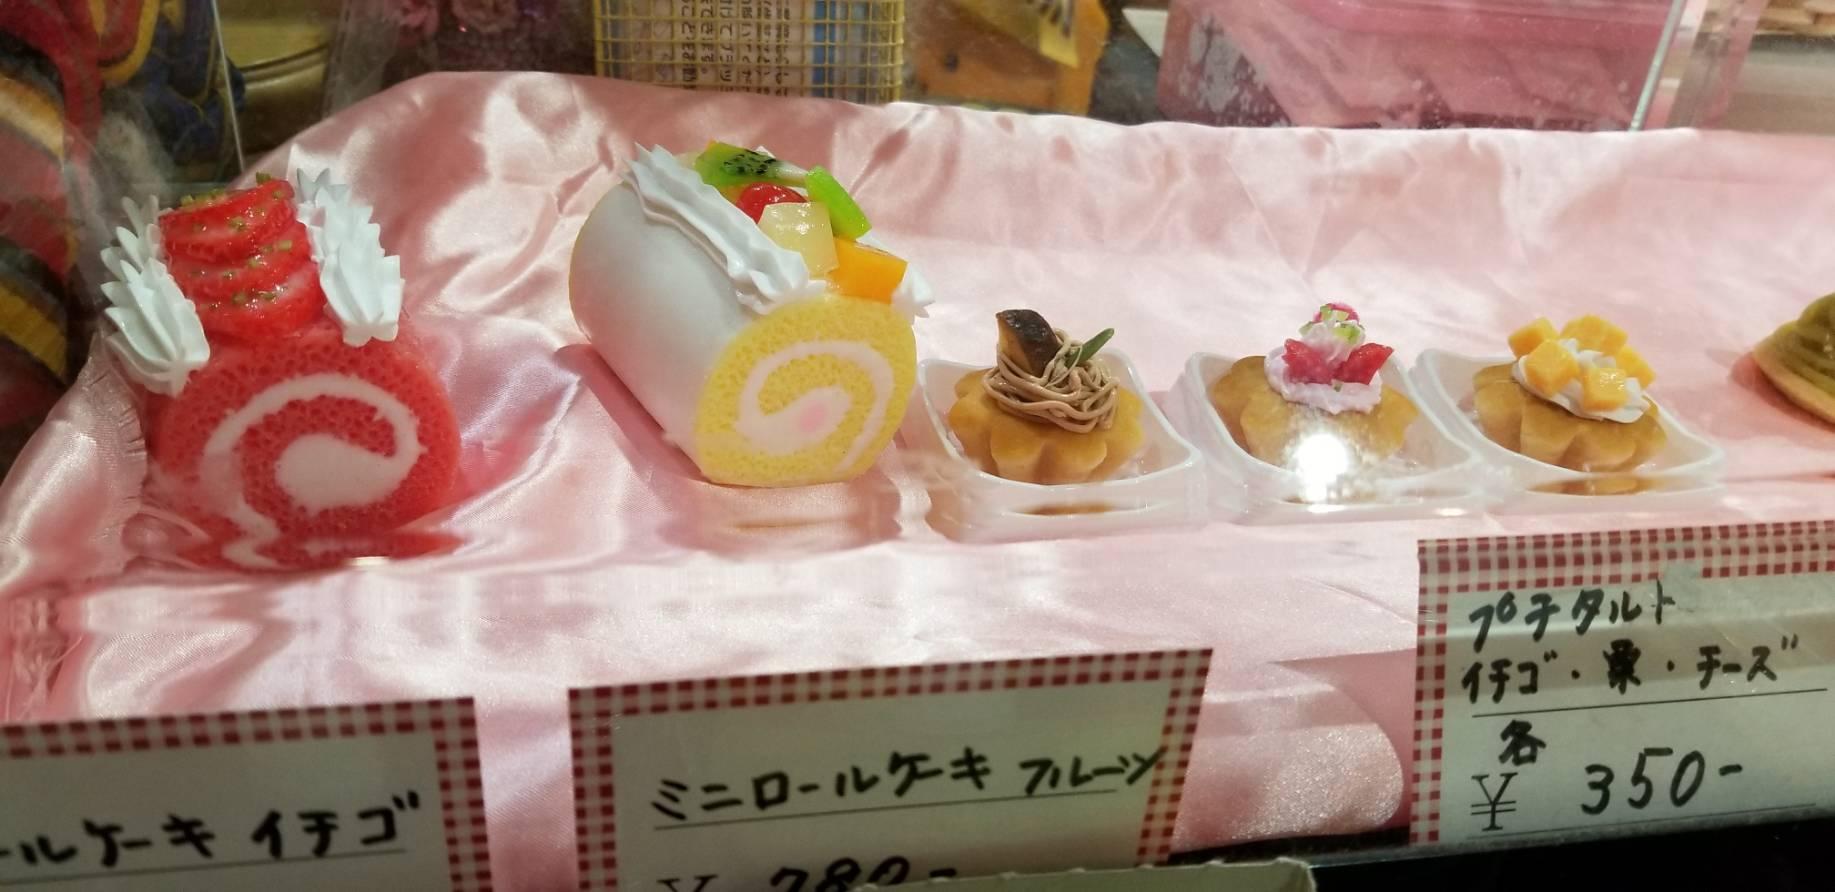 ケーキ各種入荷